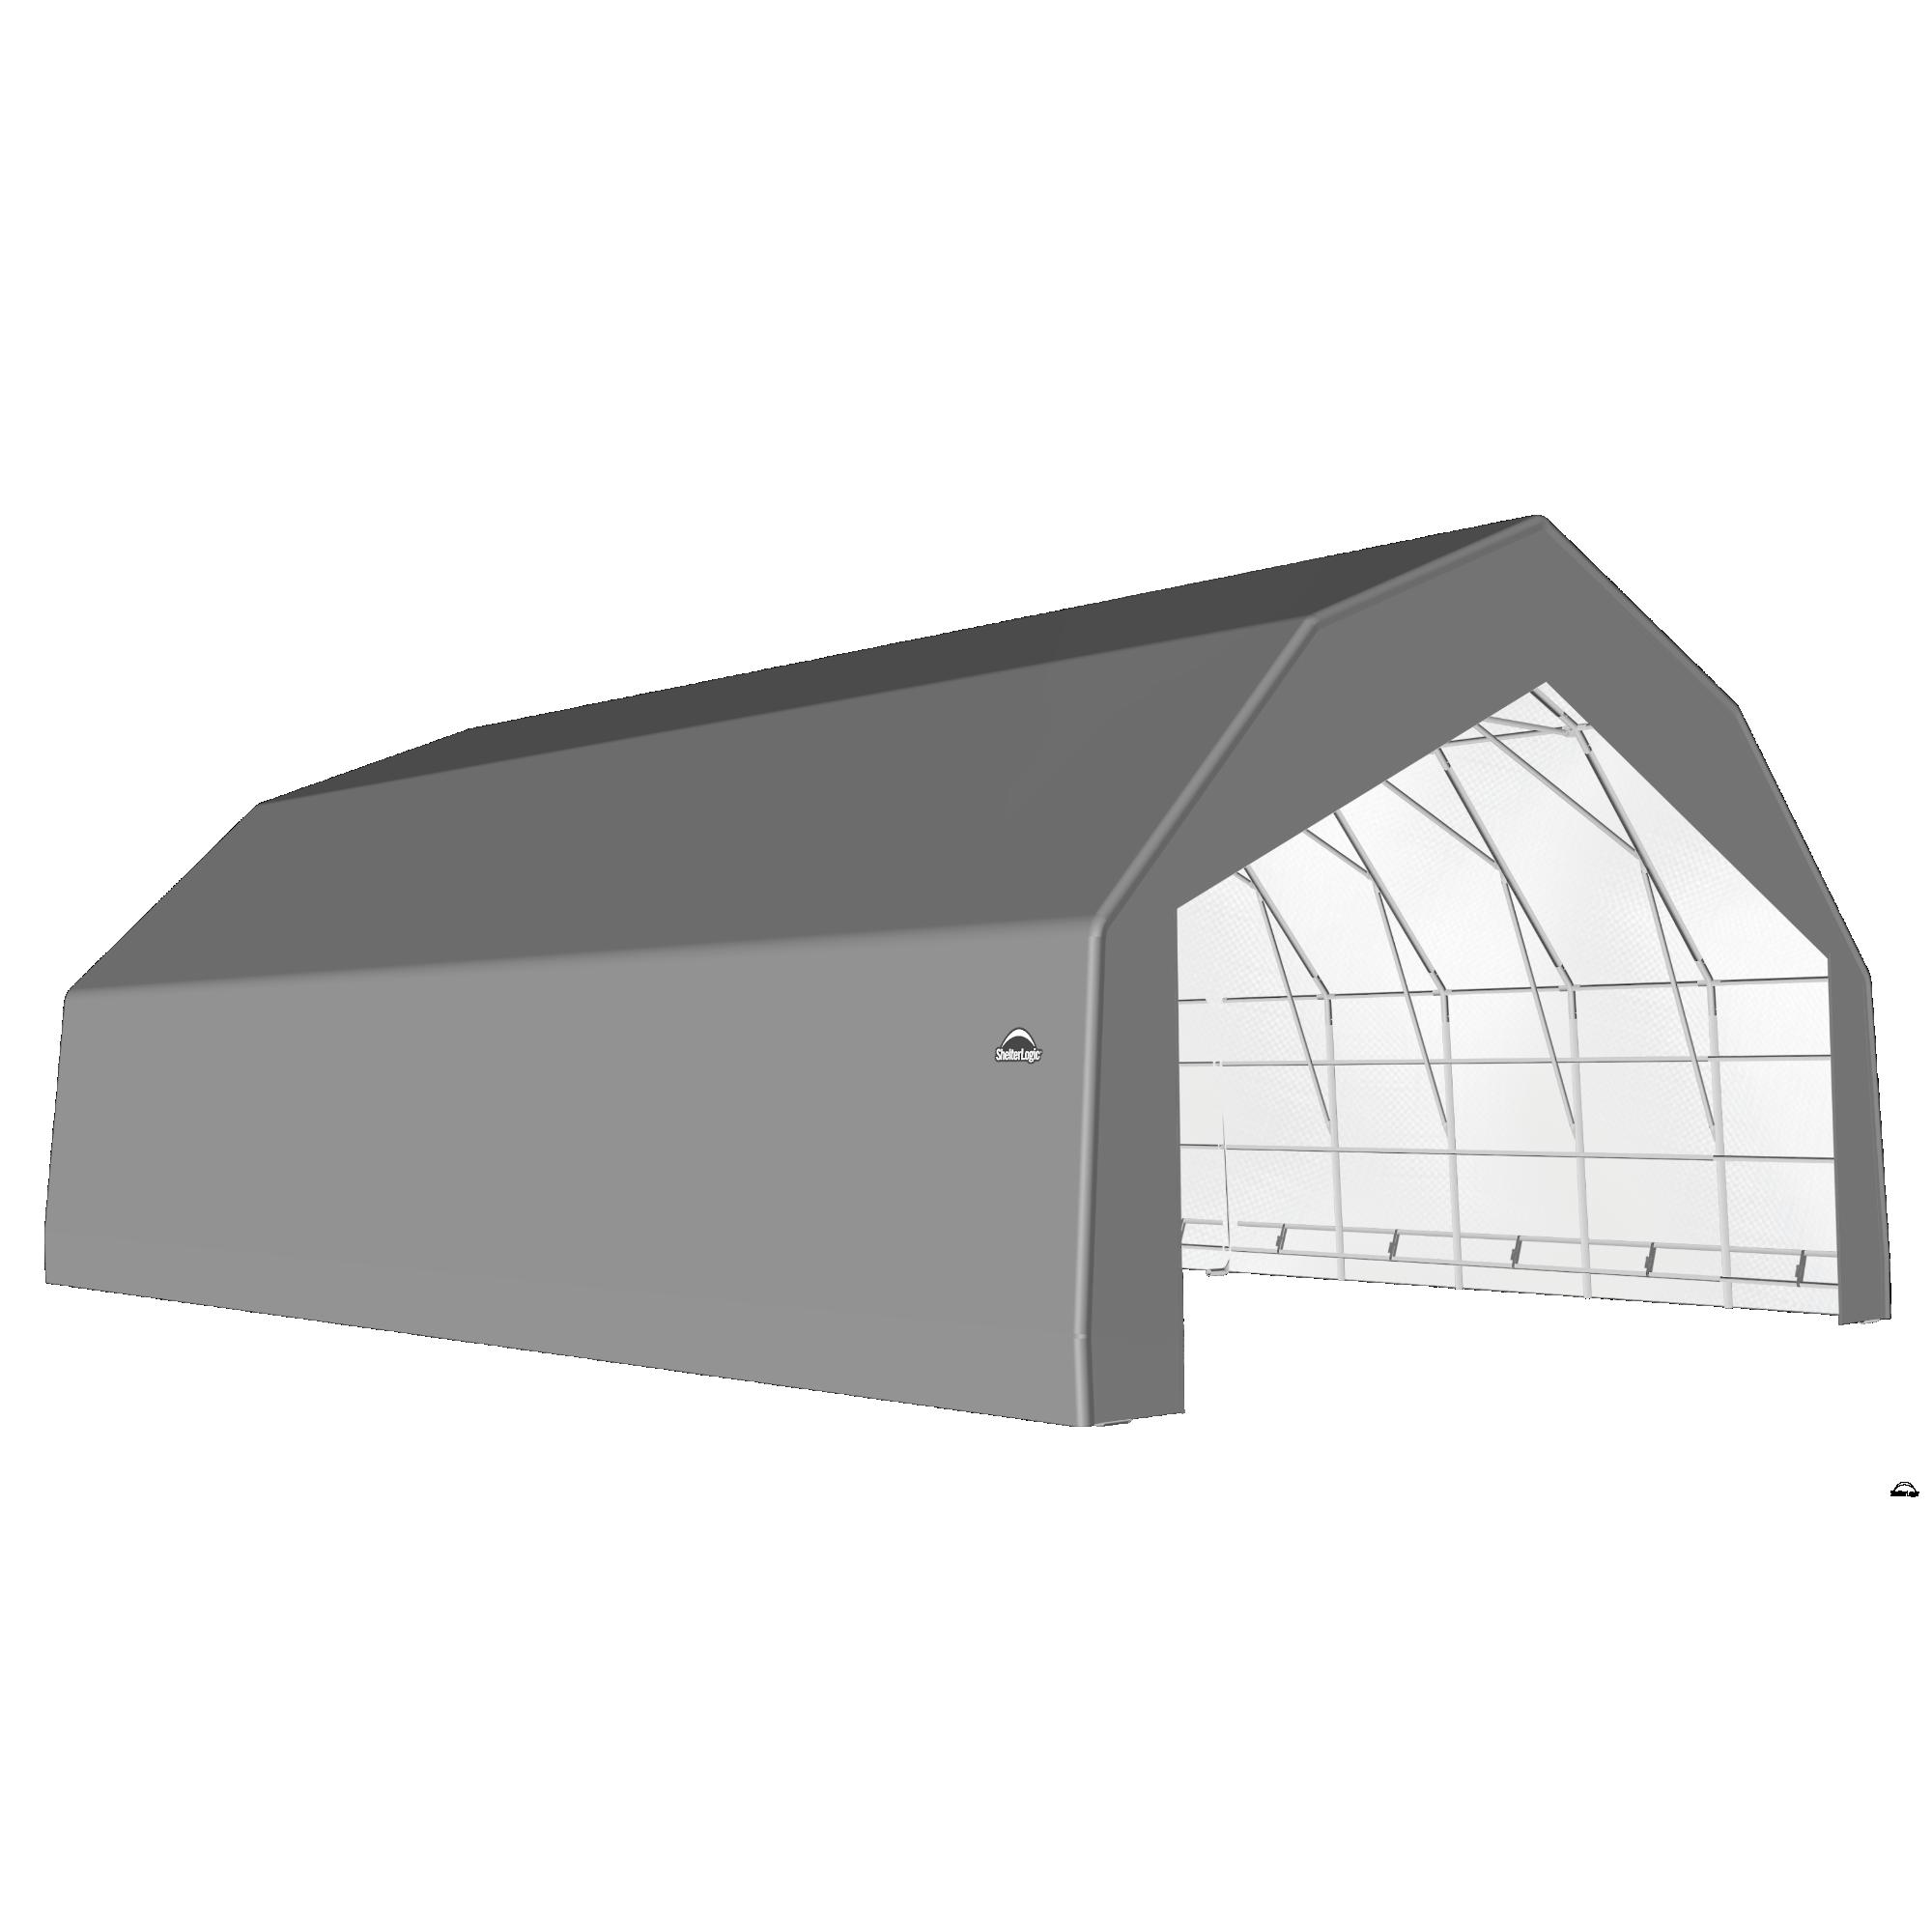 SP Barn 30X48X18 Gray 14 oz PE Shelter